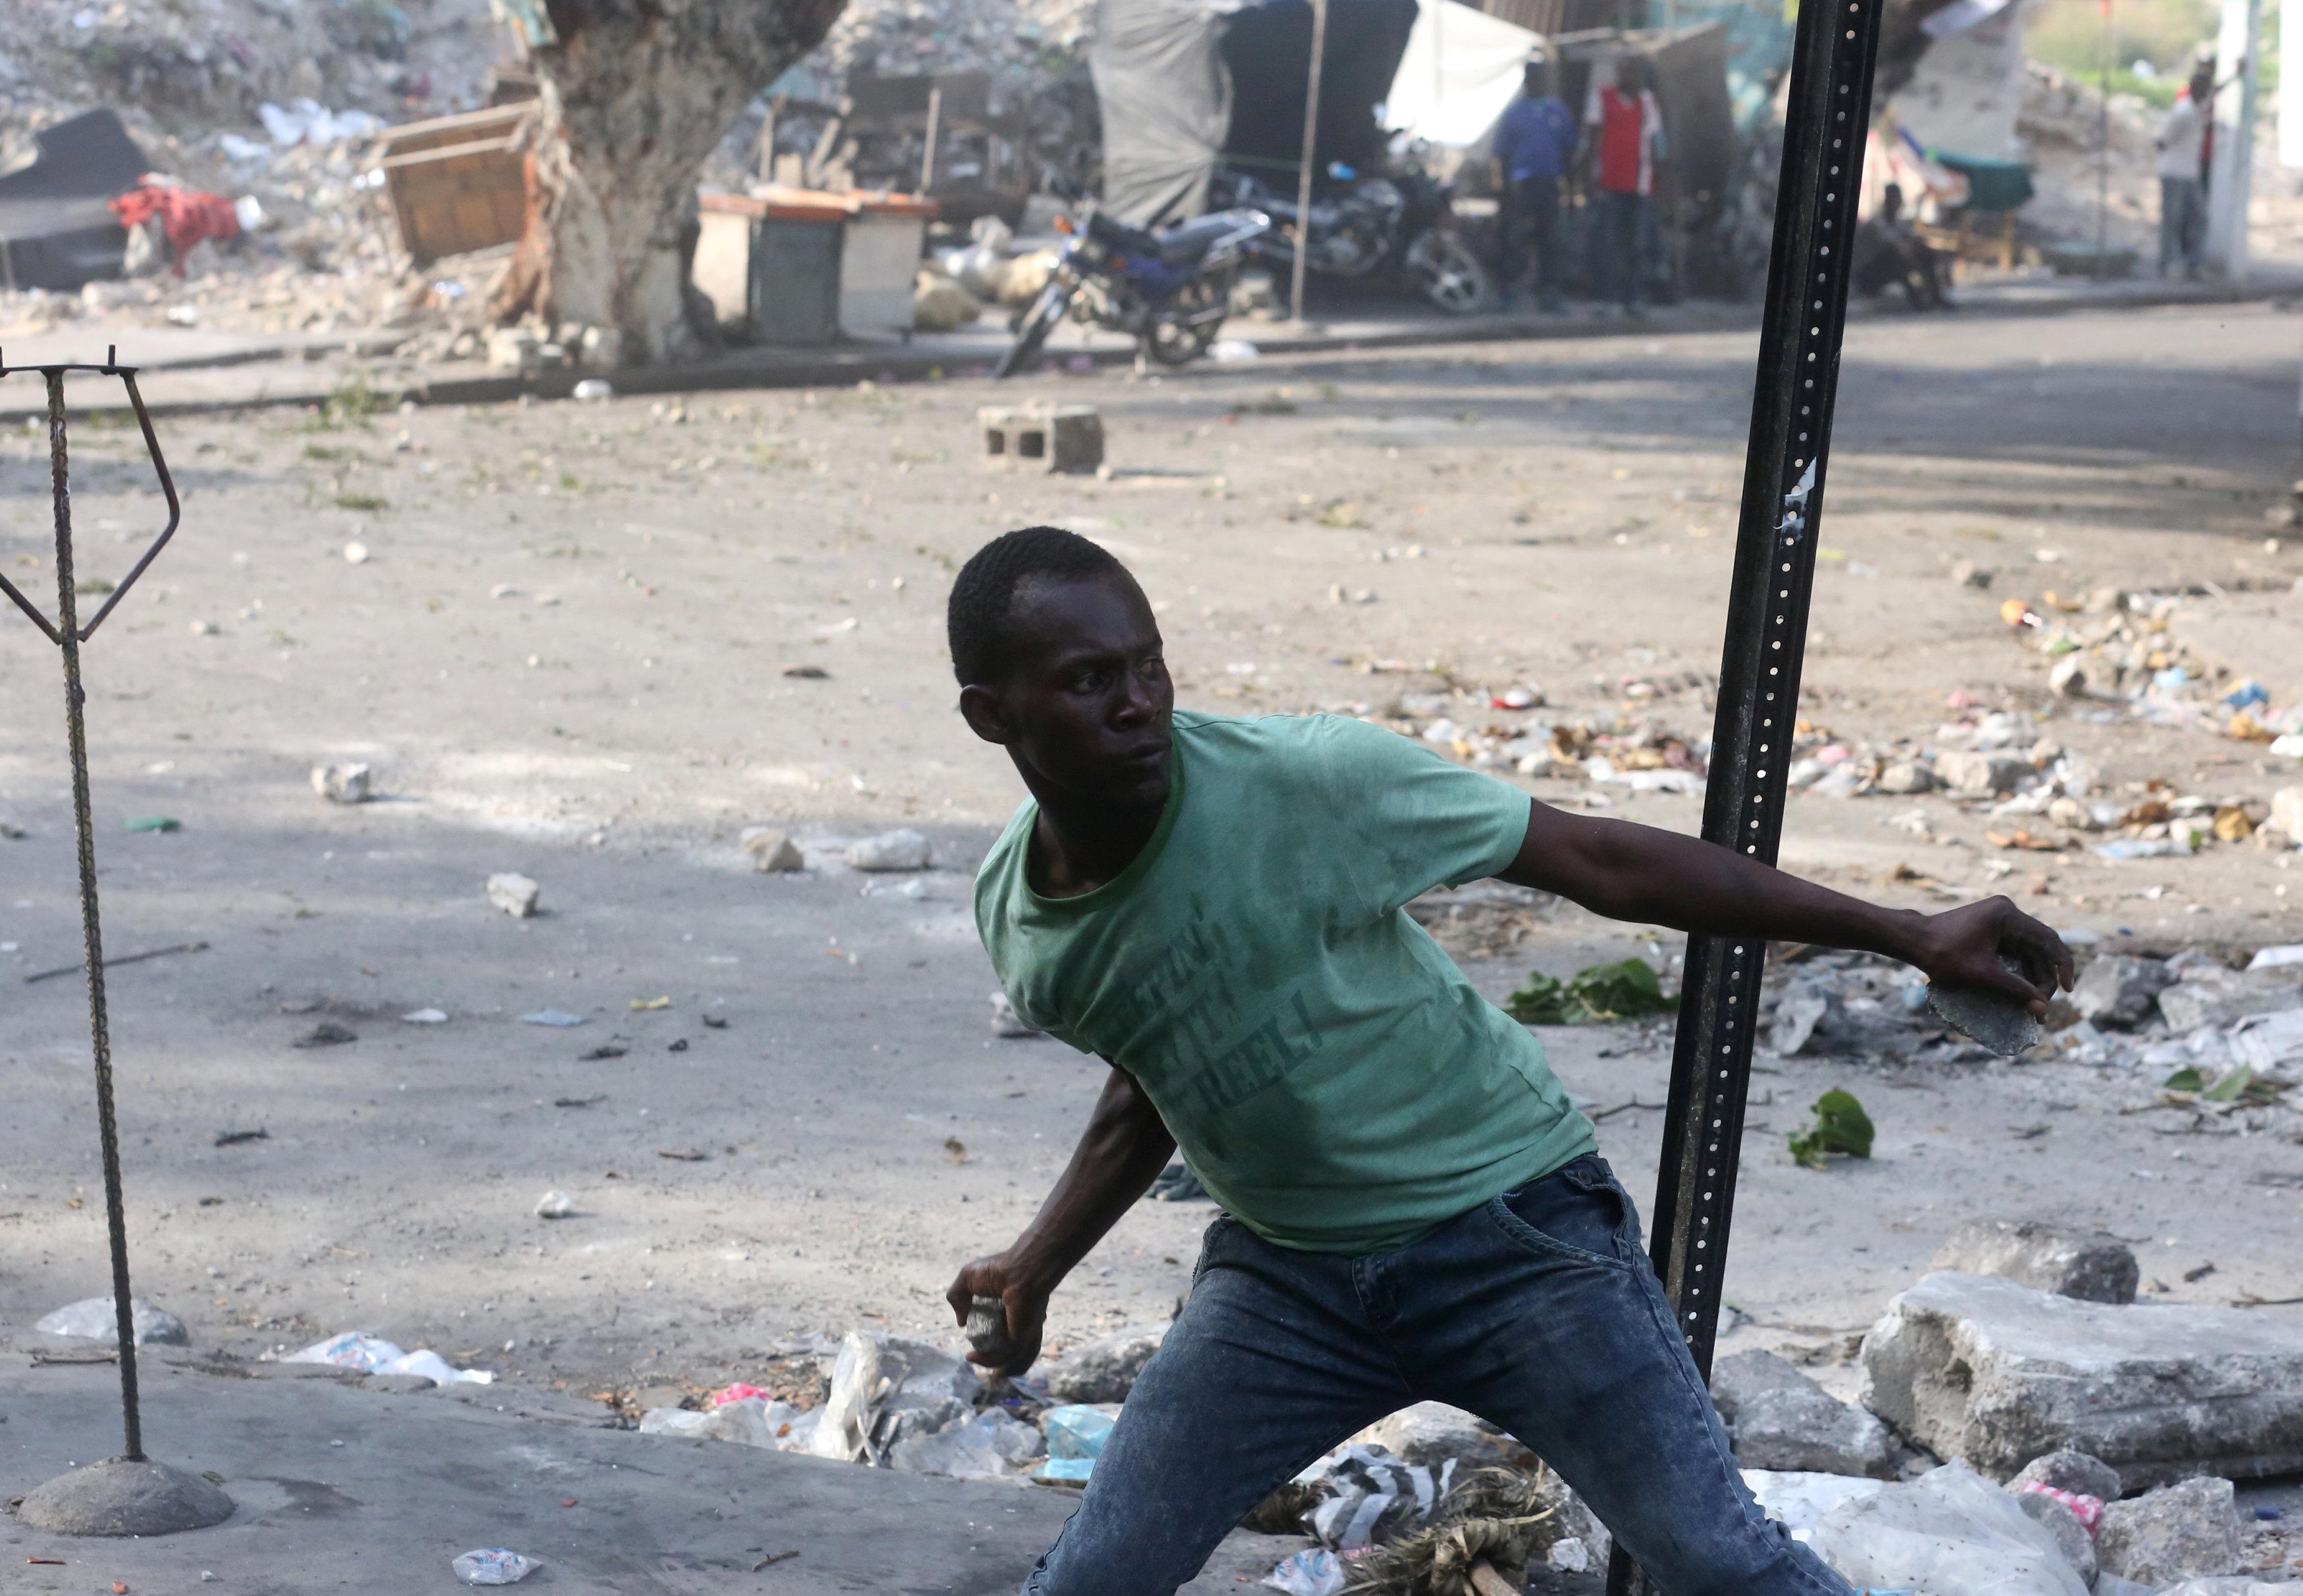 شوارع هايتى تتحول لساحة حرب خلال مظاهرات عنيفة  (3)